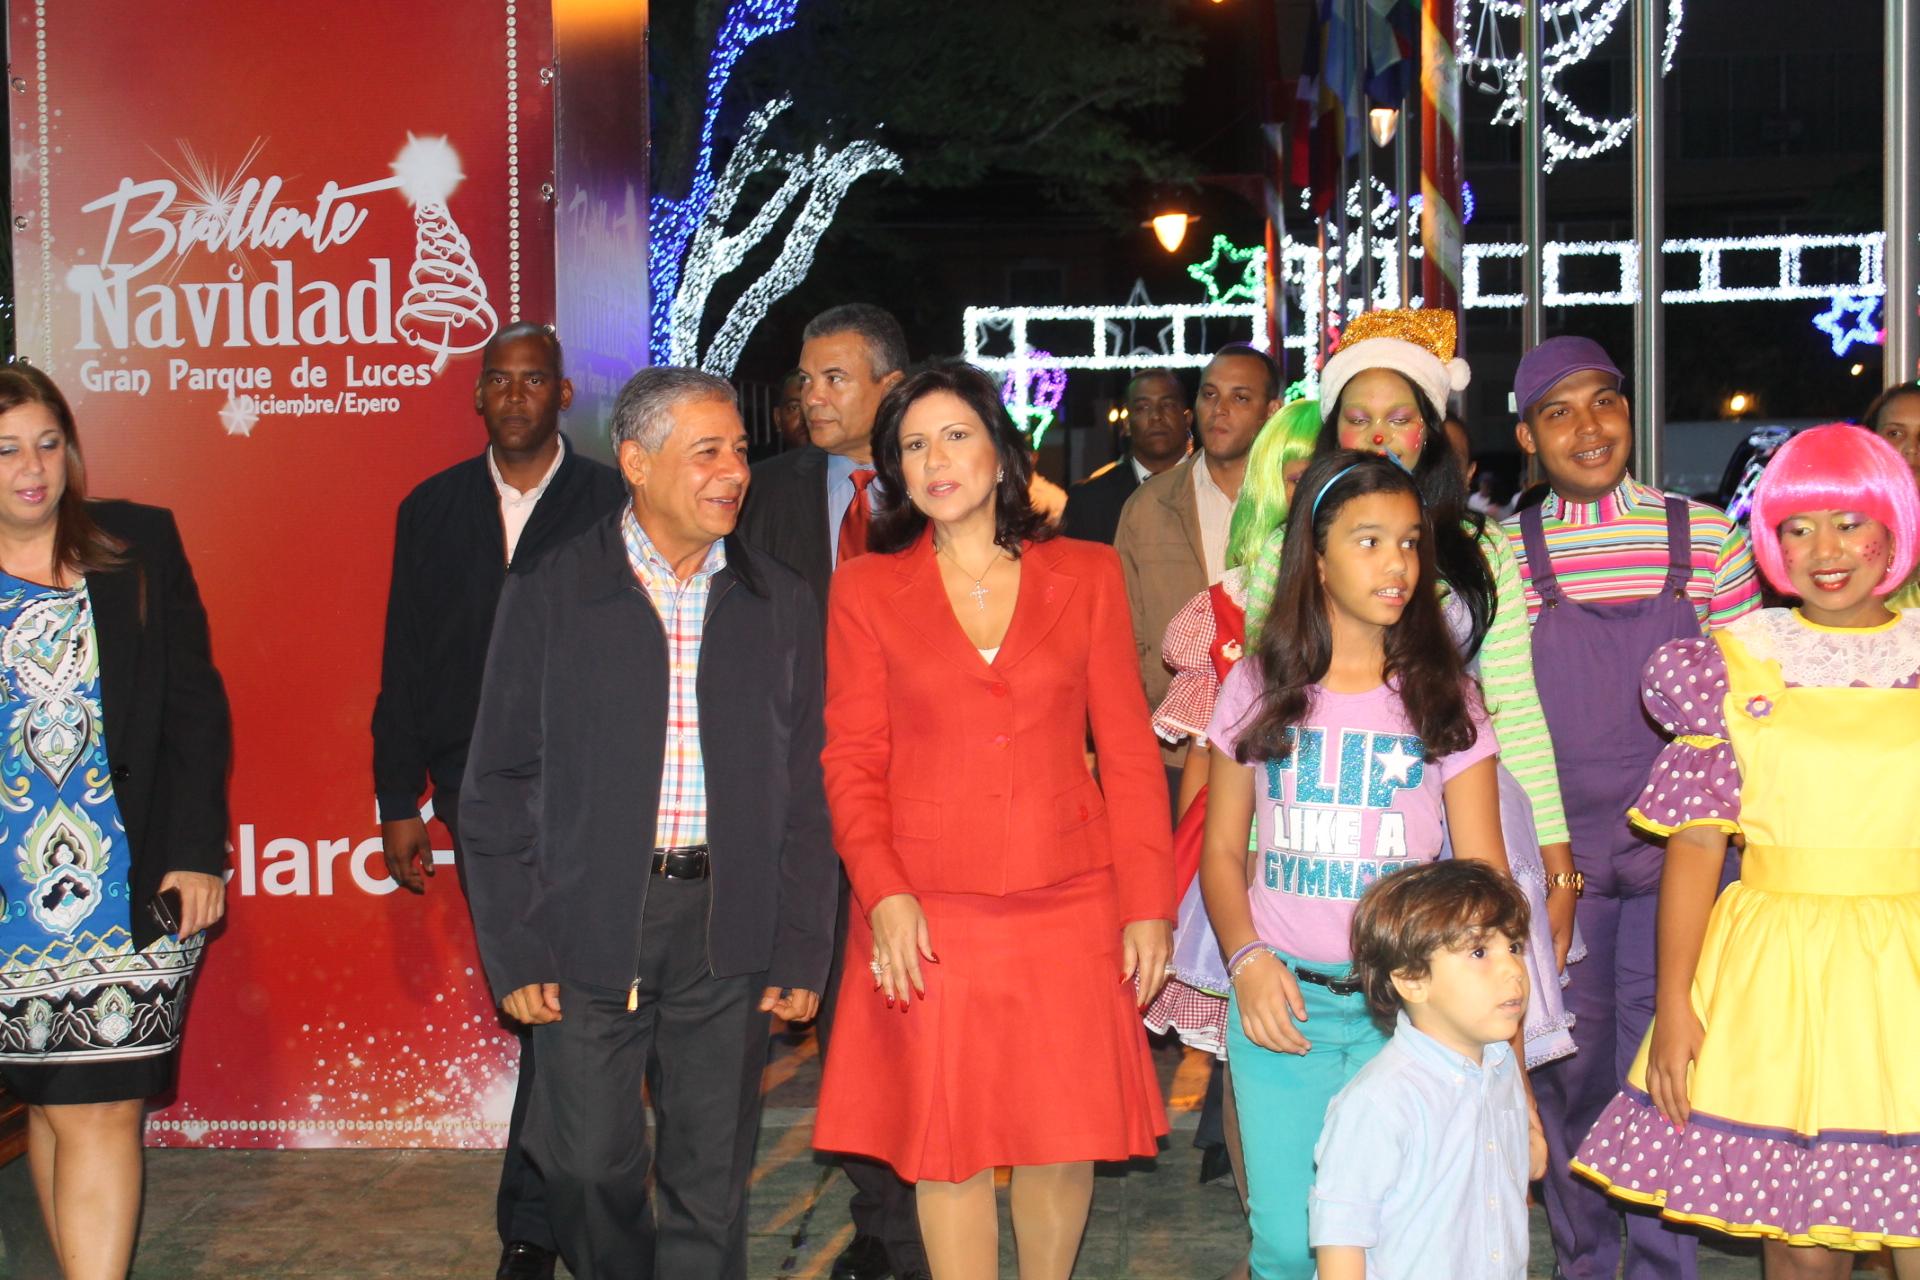 Vicepresidenta de la República visita Brillante Navidad